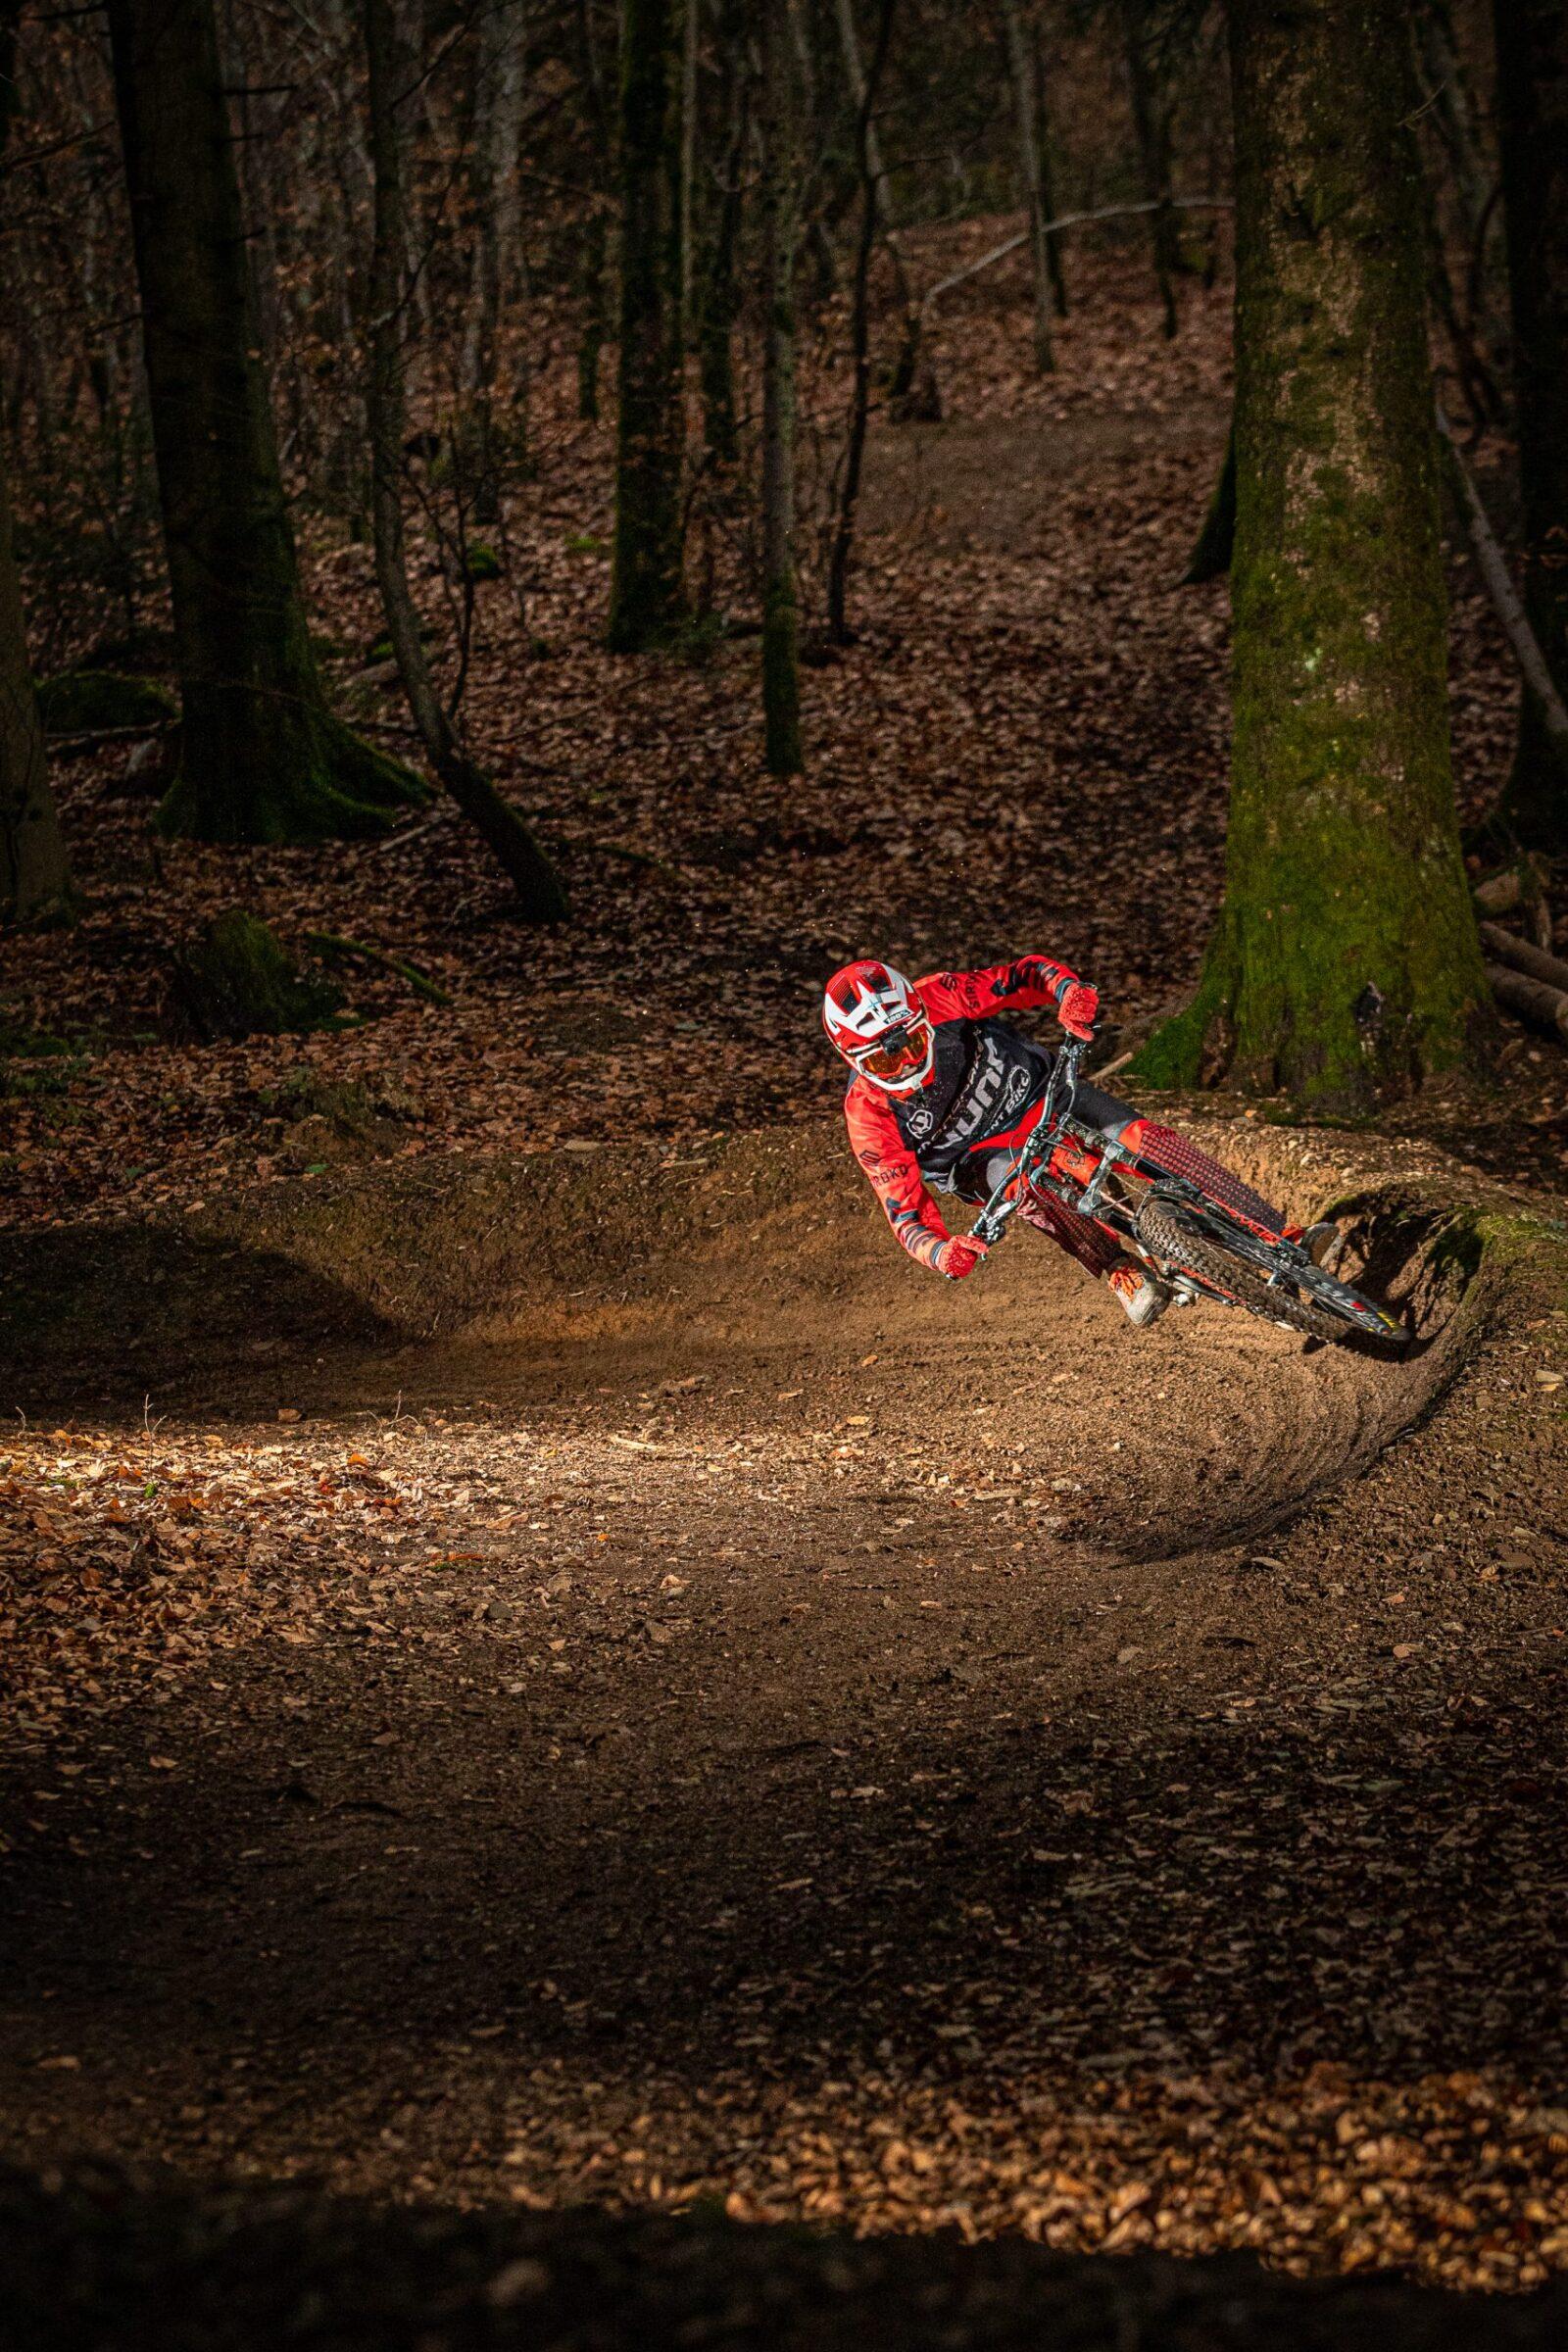 VTT DH free ride